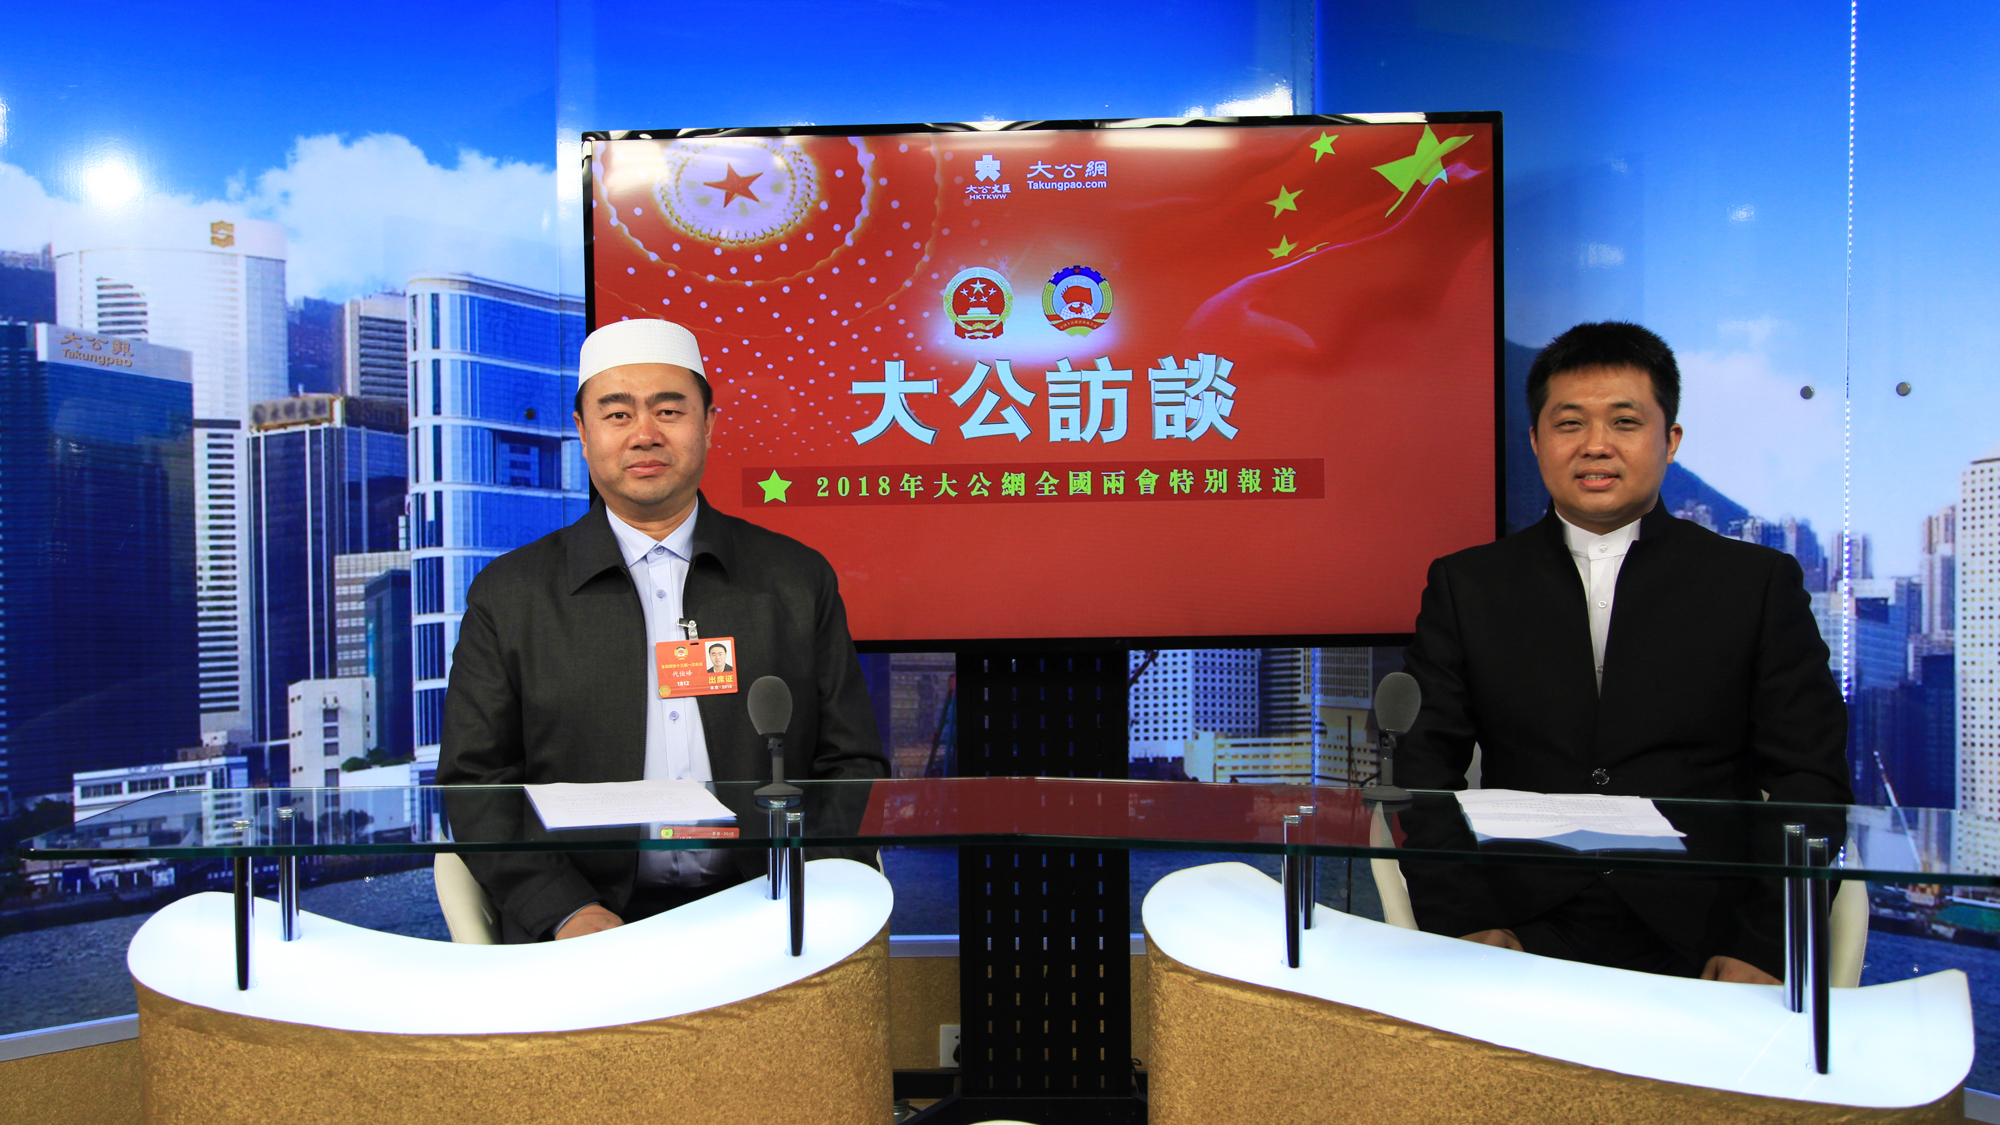 【大公专访】全国政协委员代俊峰:肩负起新时代宗教界代表人士的使命